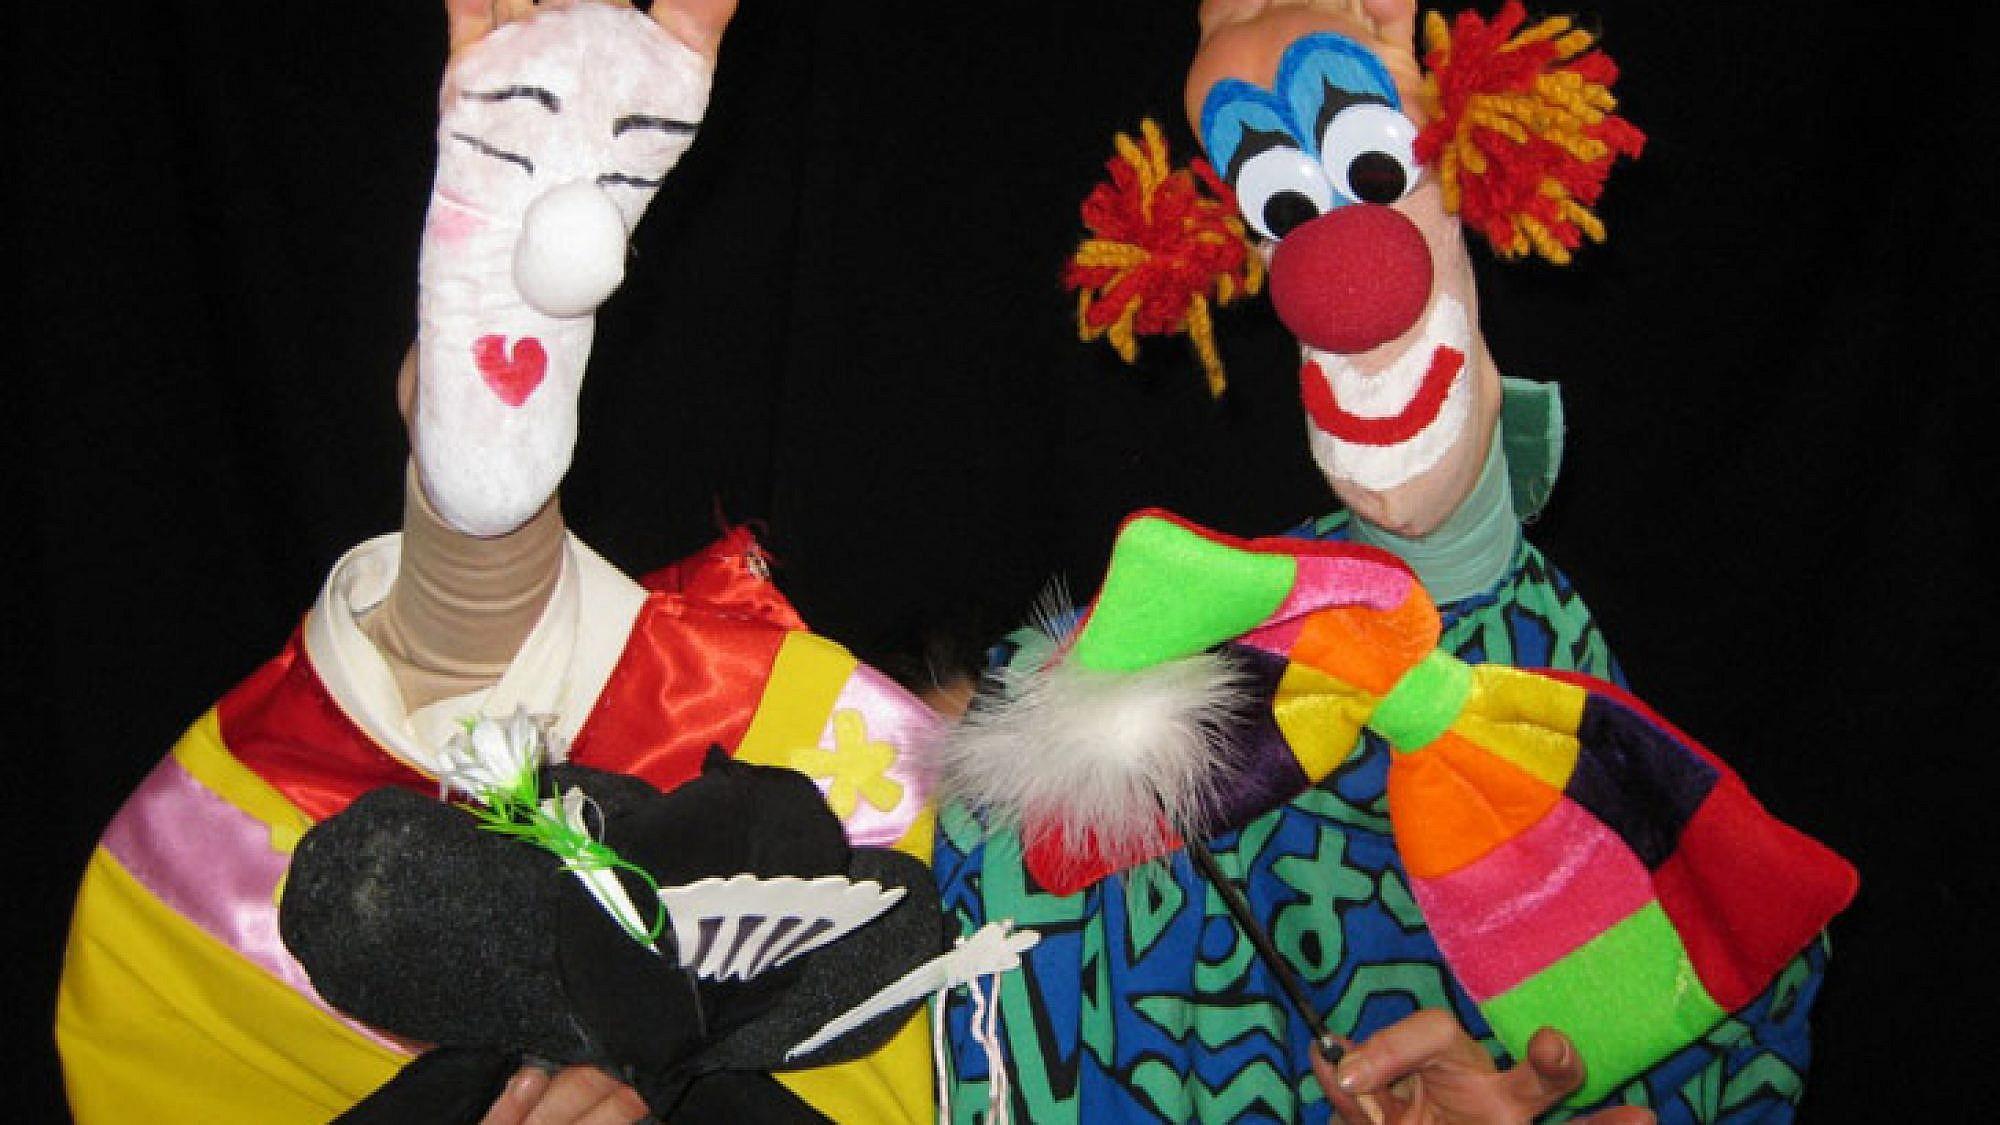 מתוך פסטיבל תיאטרון בובות בירושלים | צלם: יחסי ציבור